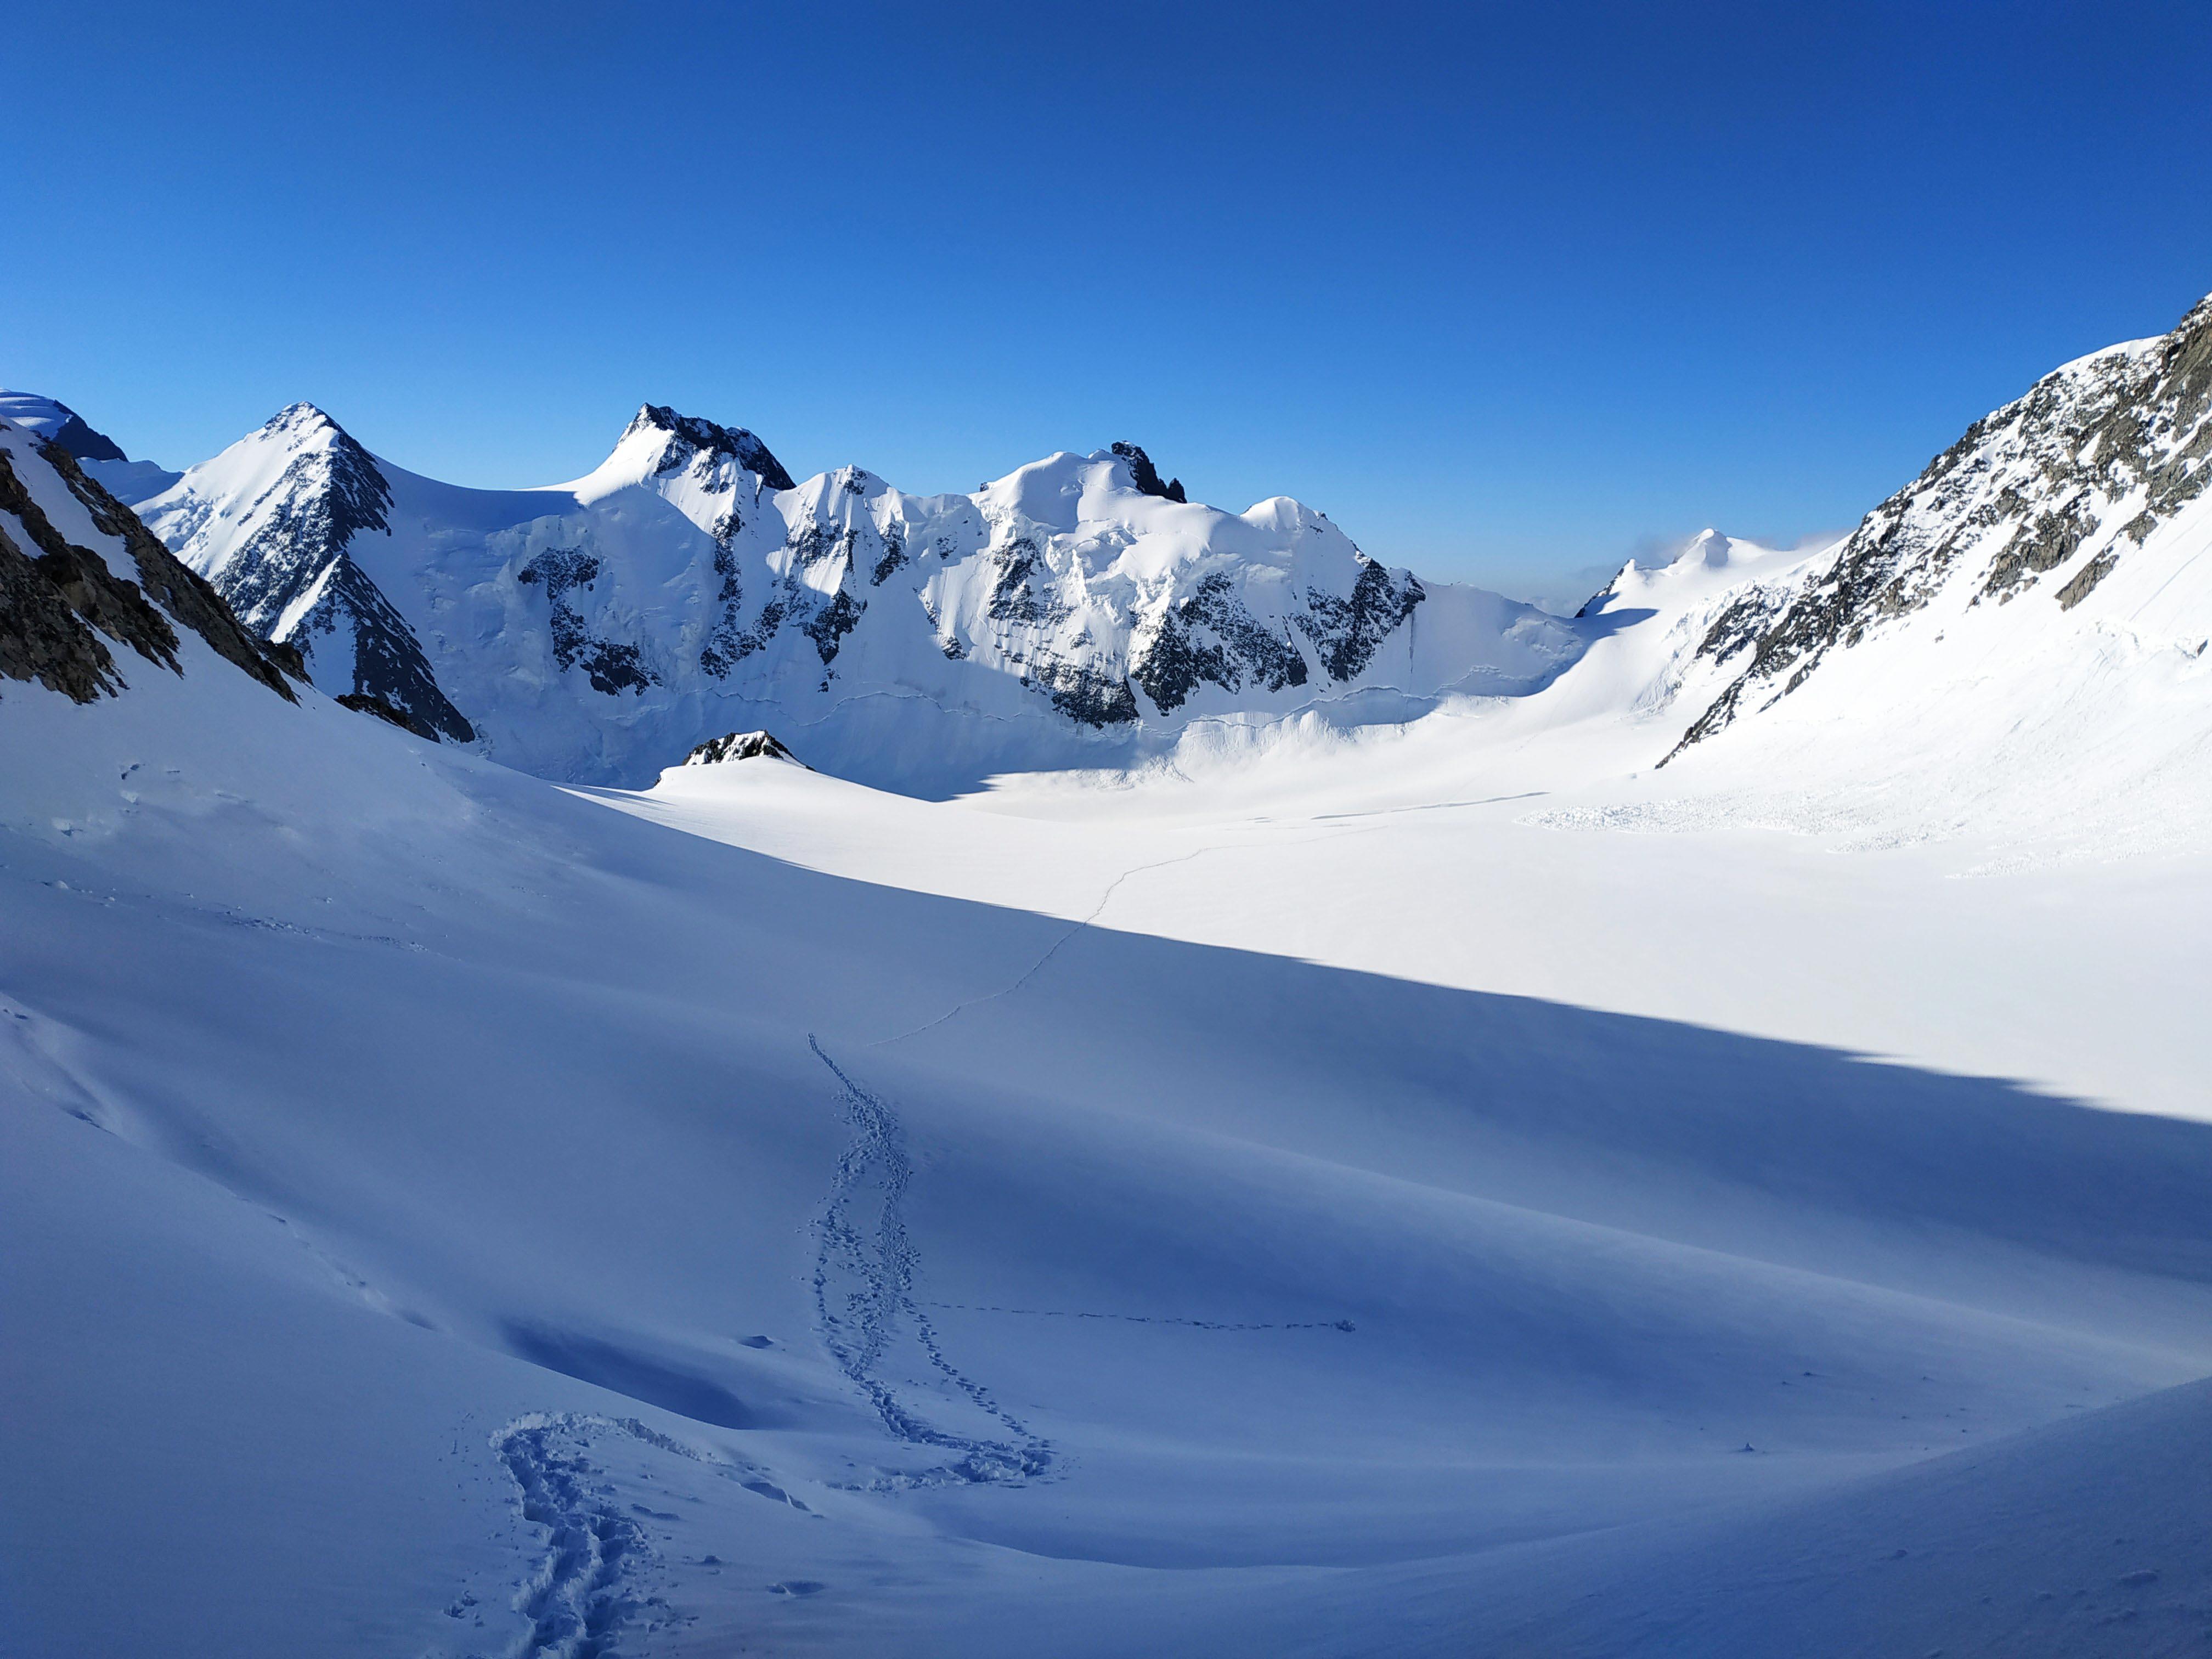 ледник менсу с перевала делоне